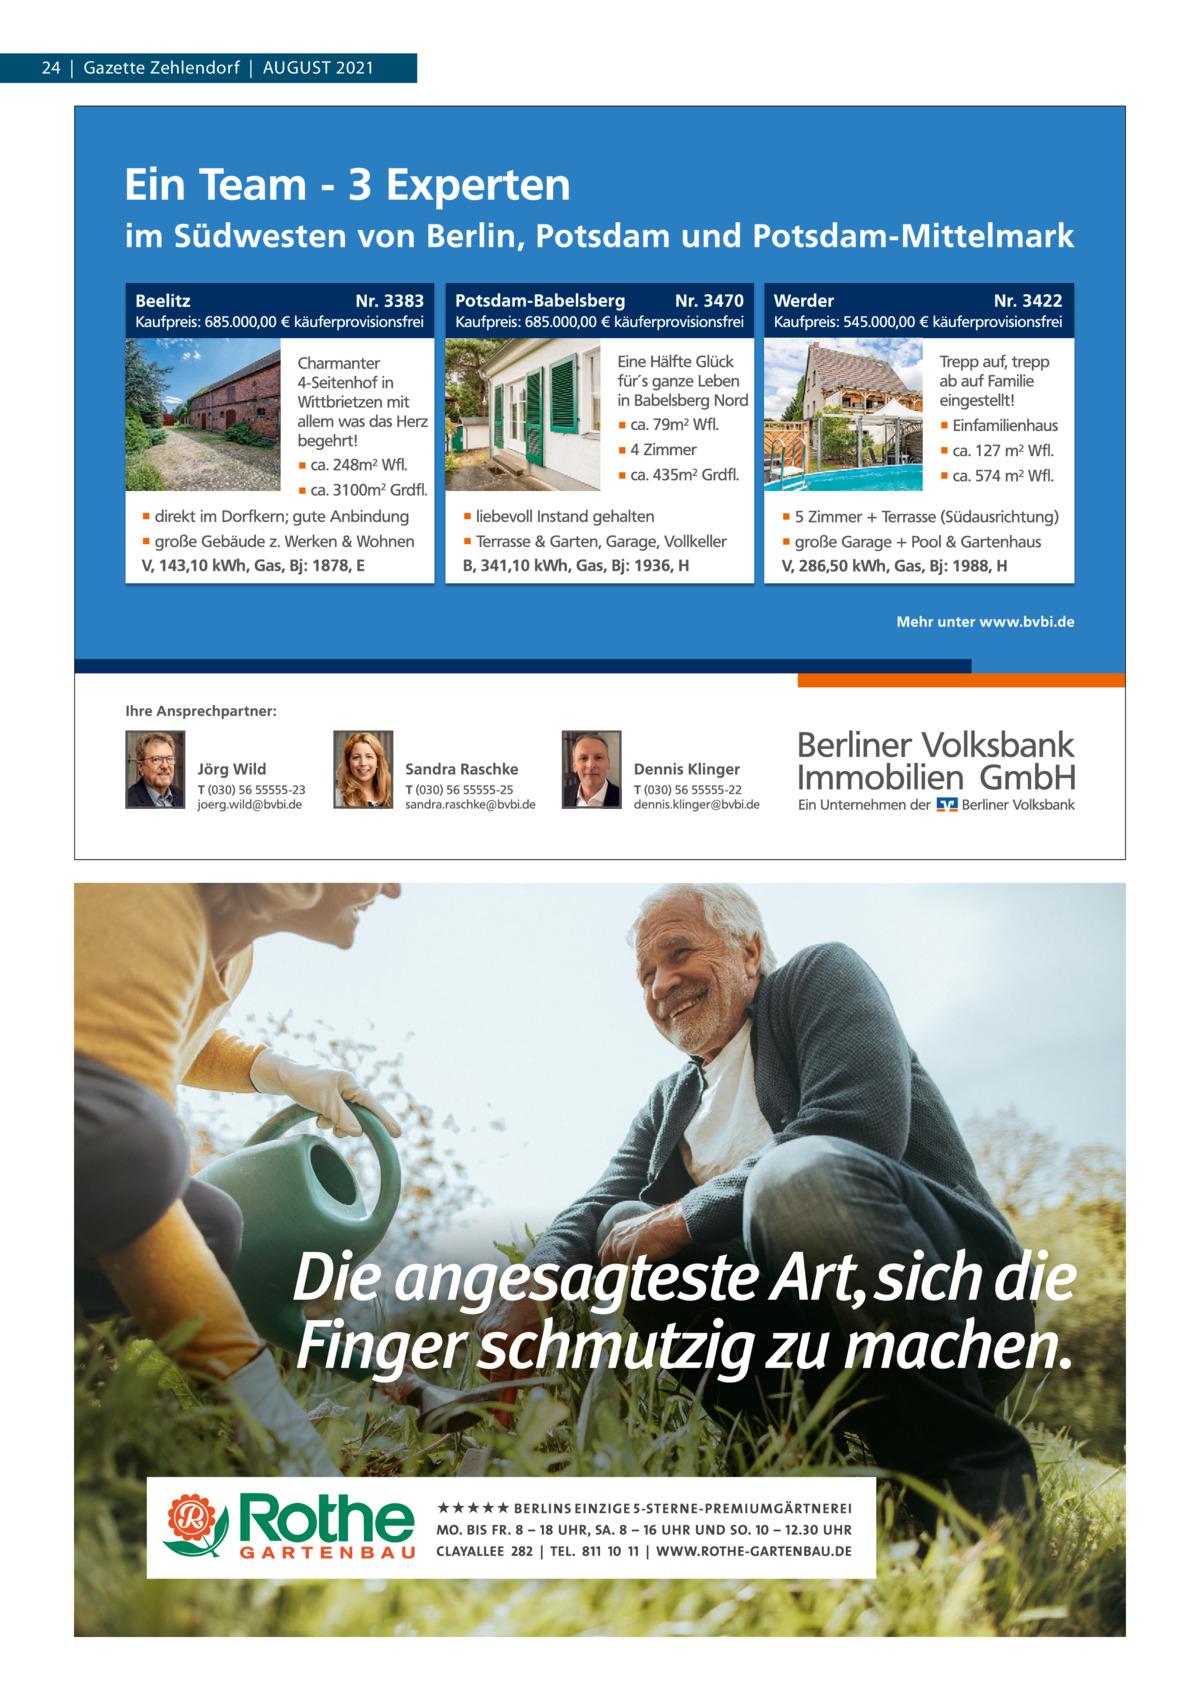 24|Gazette Zehlendorf|AuGuST 2021